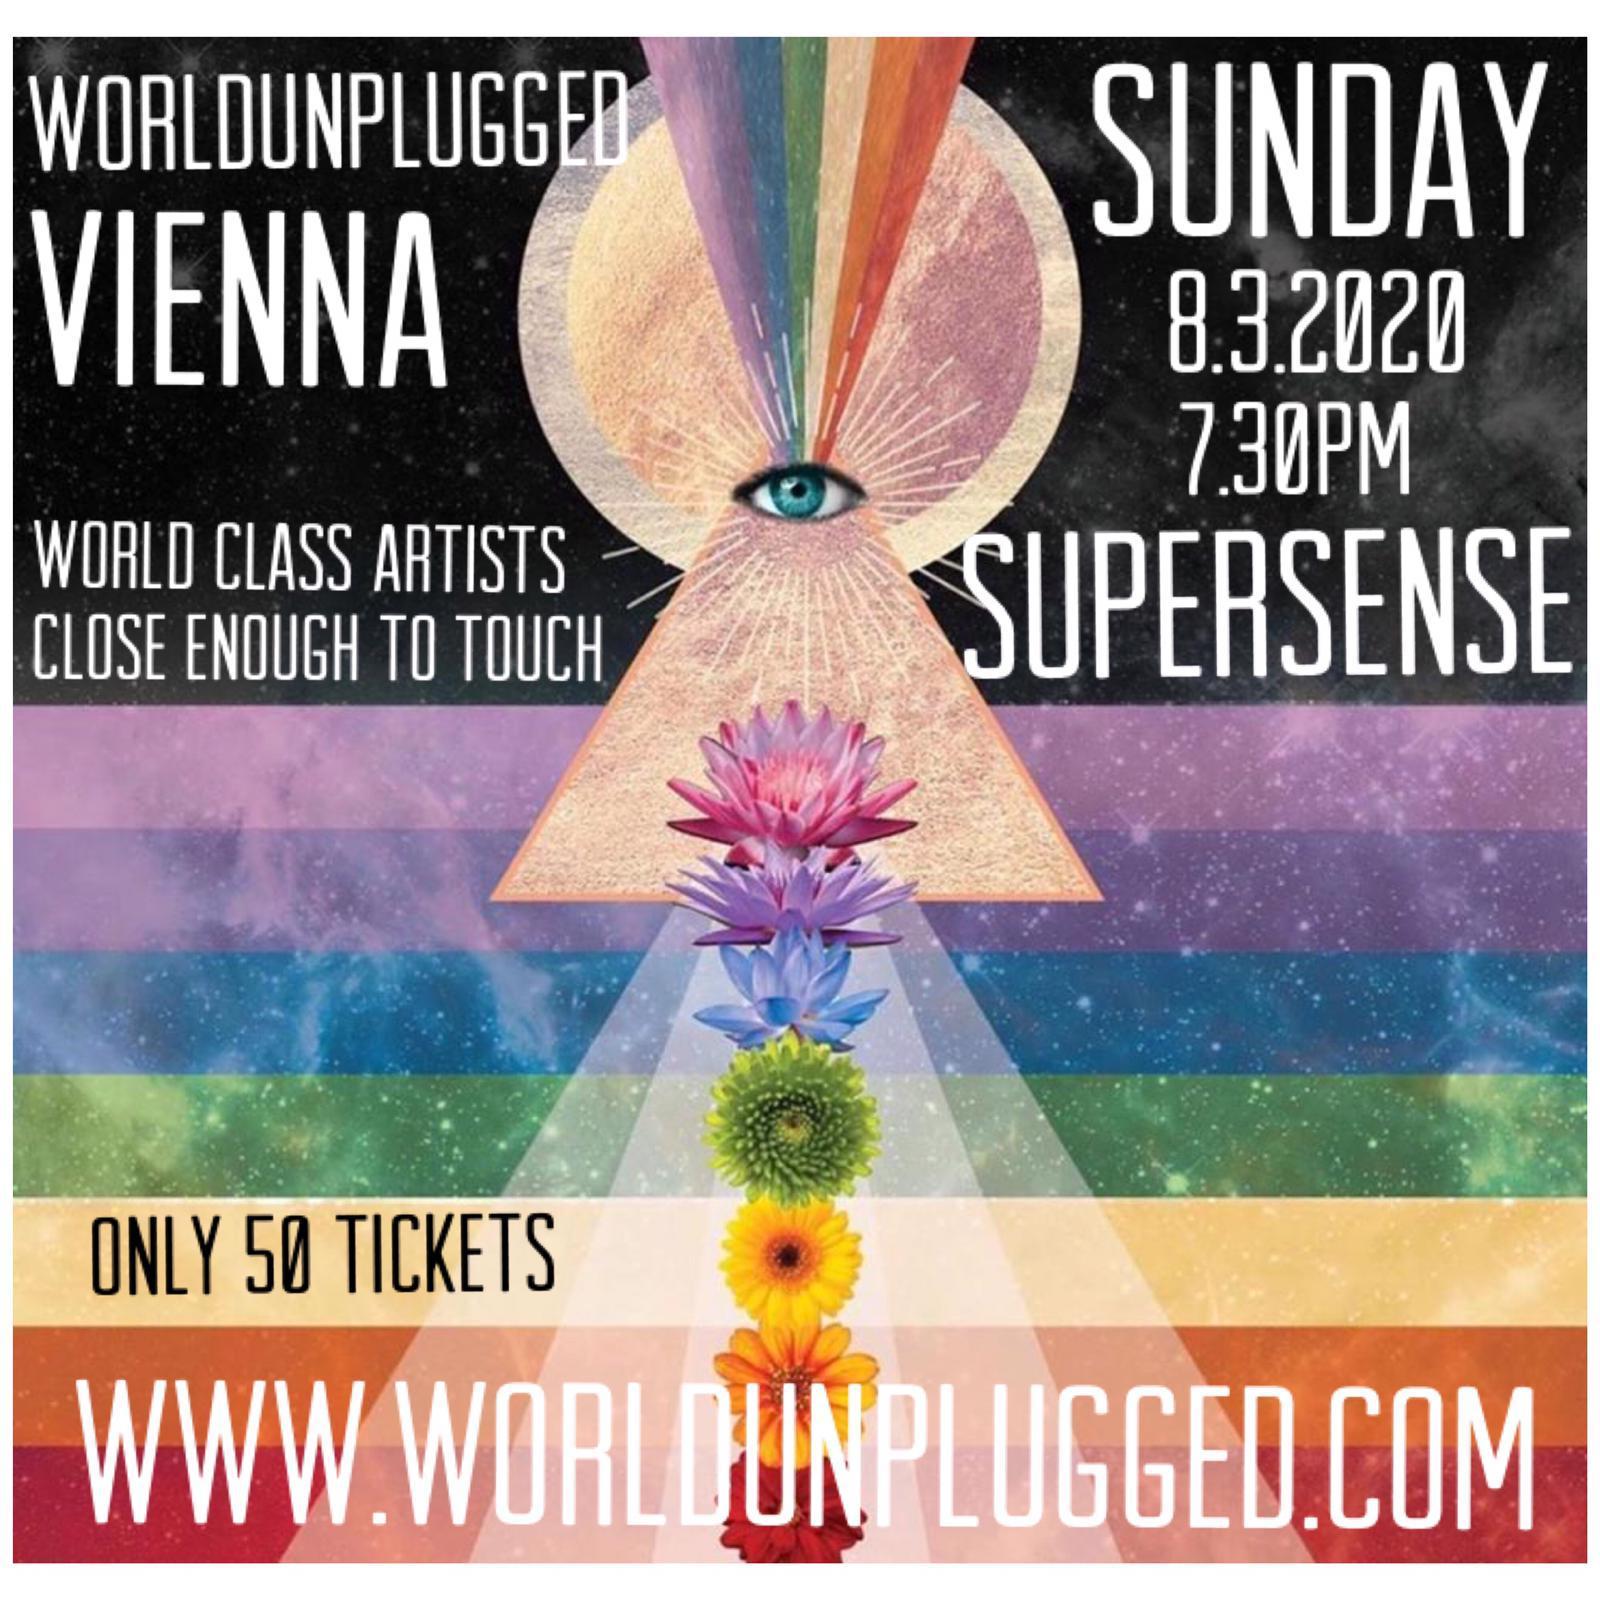 World Unplugged Vienna am 8. March 2020 @ Supersense.